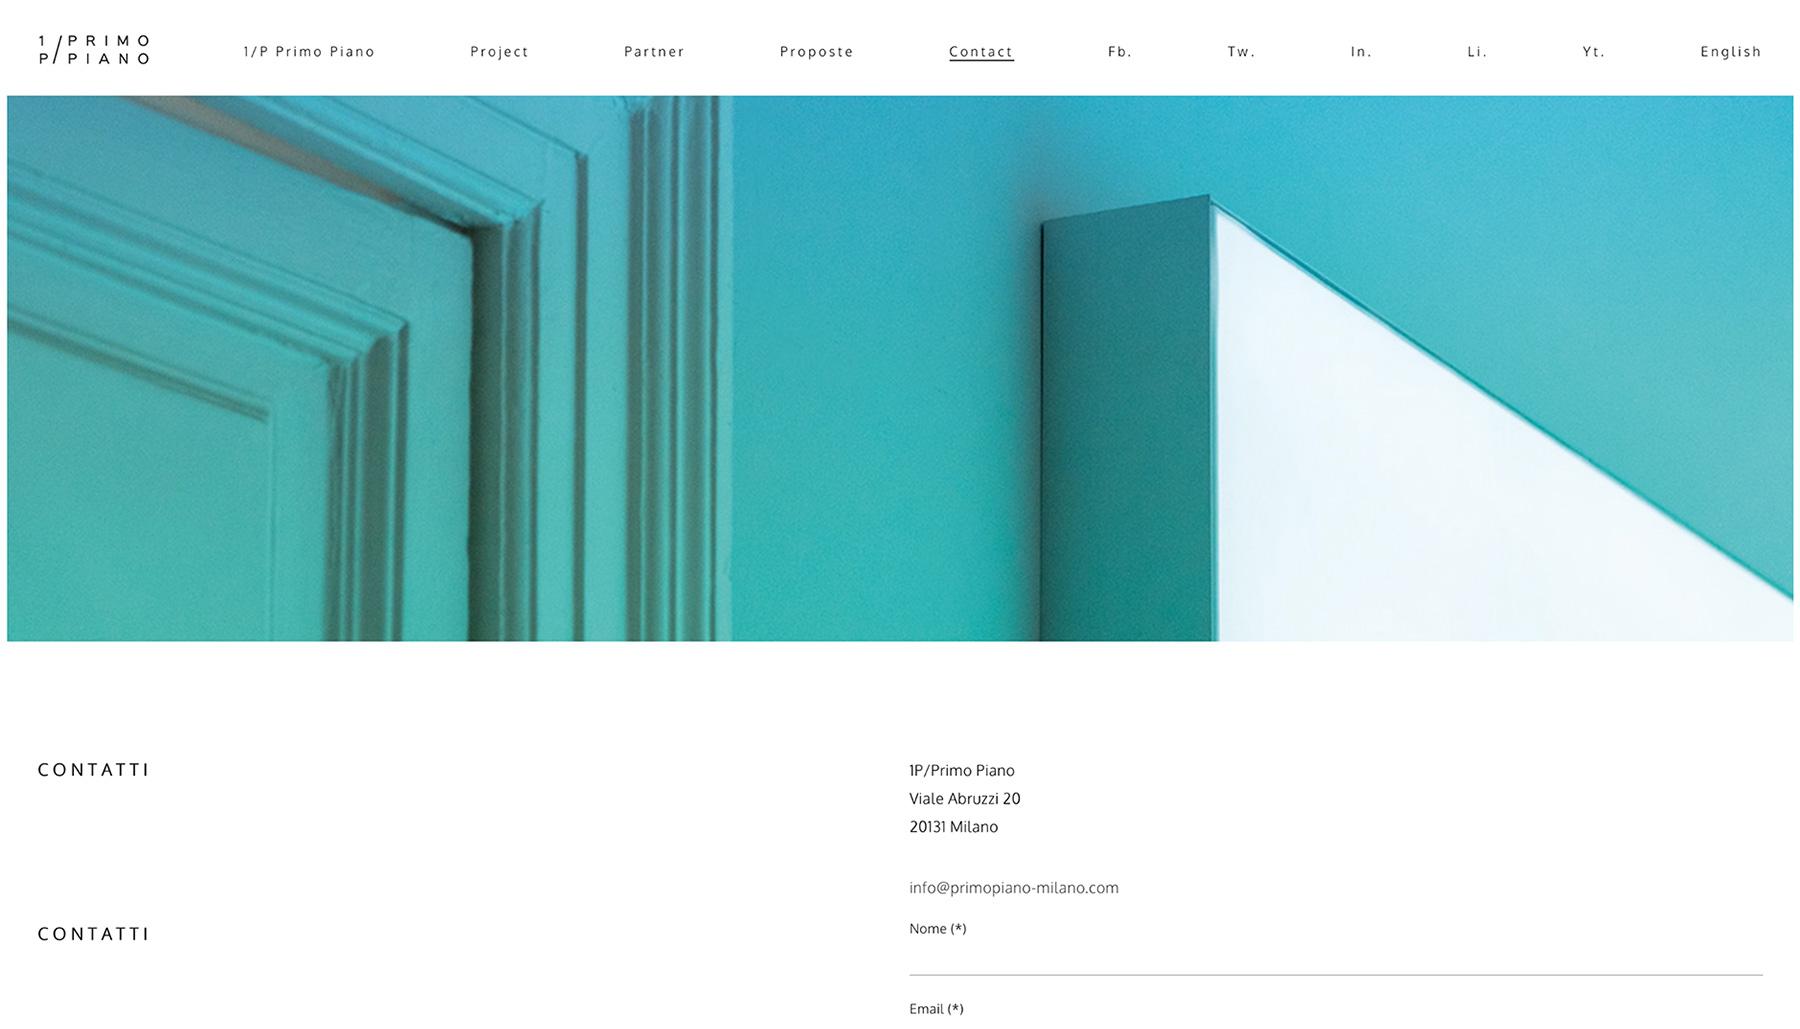 Progettazione sito 1P/Primo Piano | Kora Comunicazione